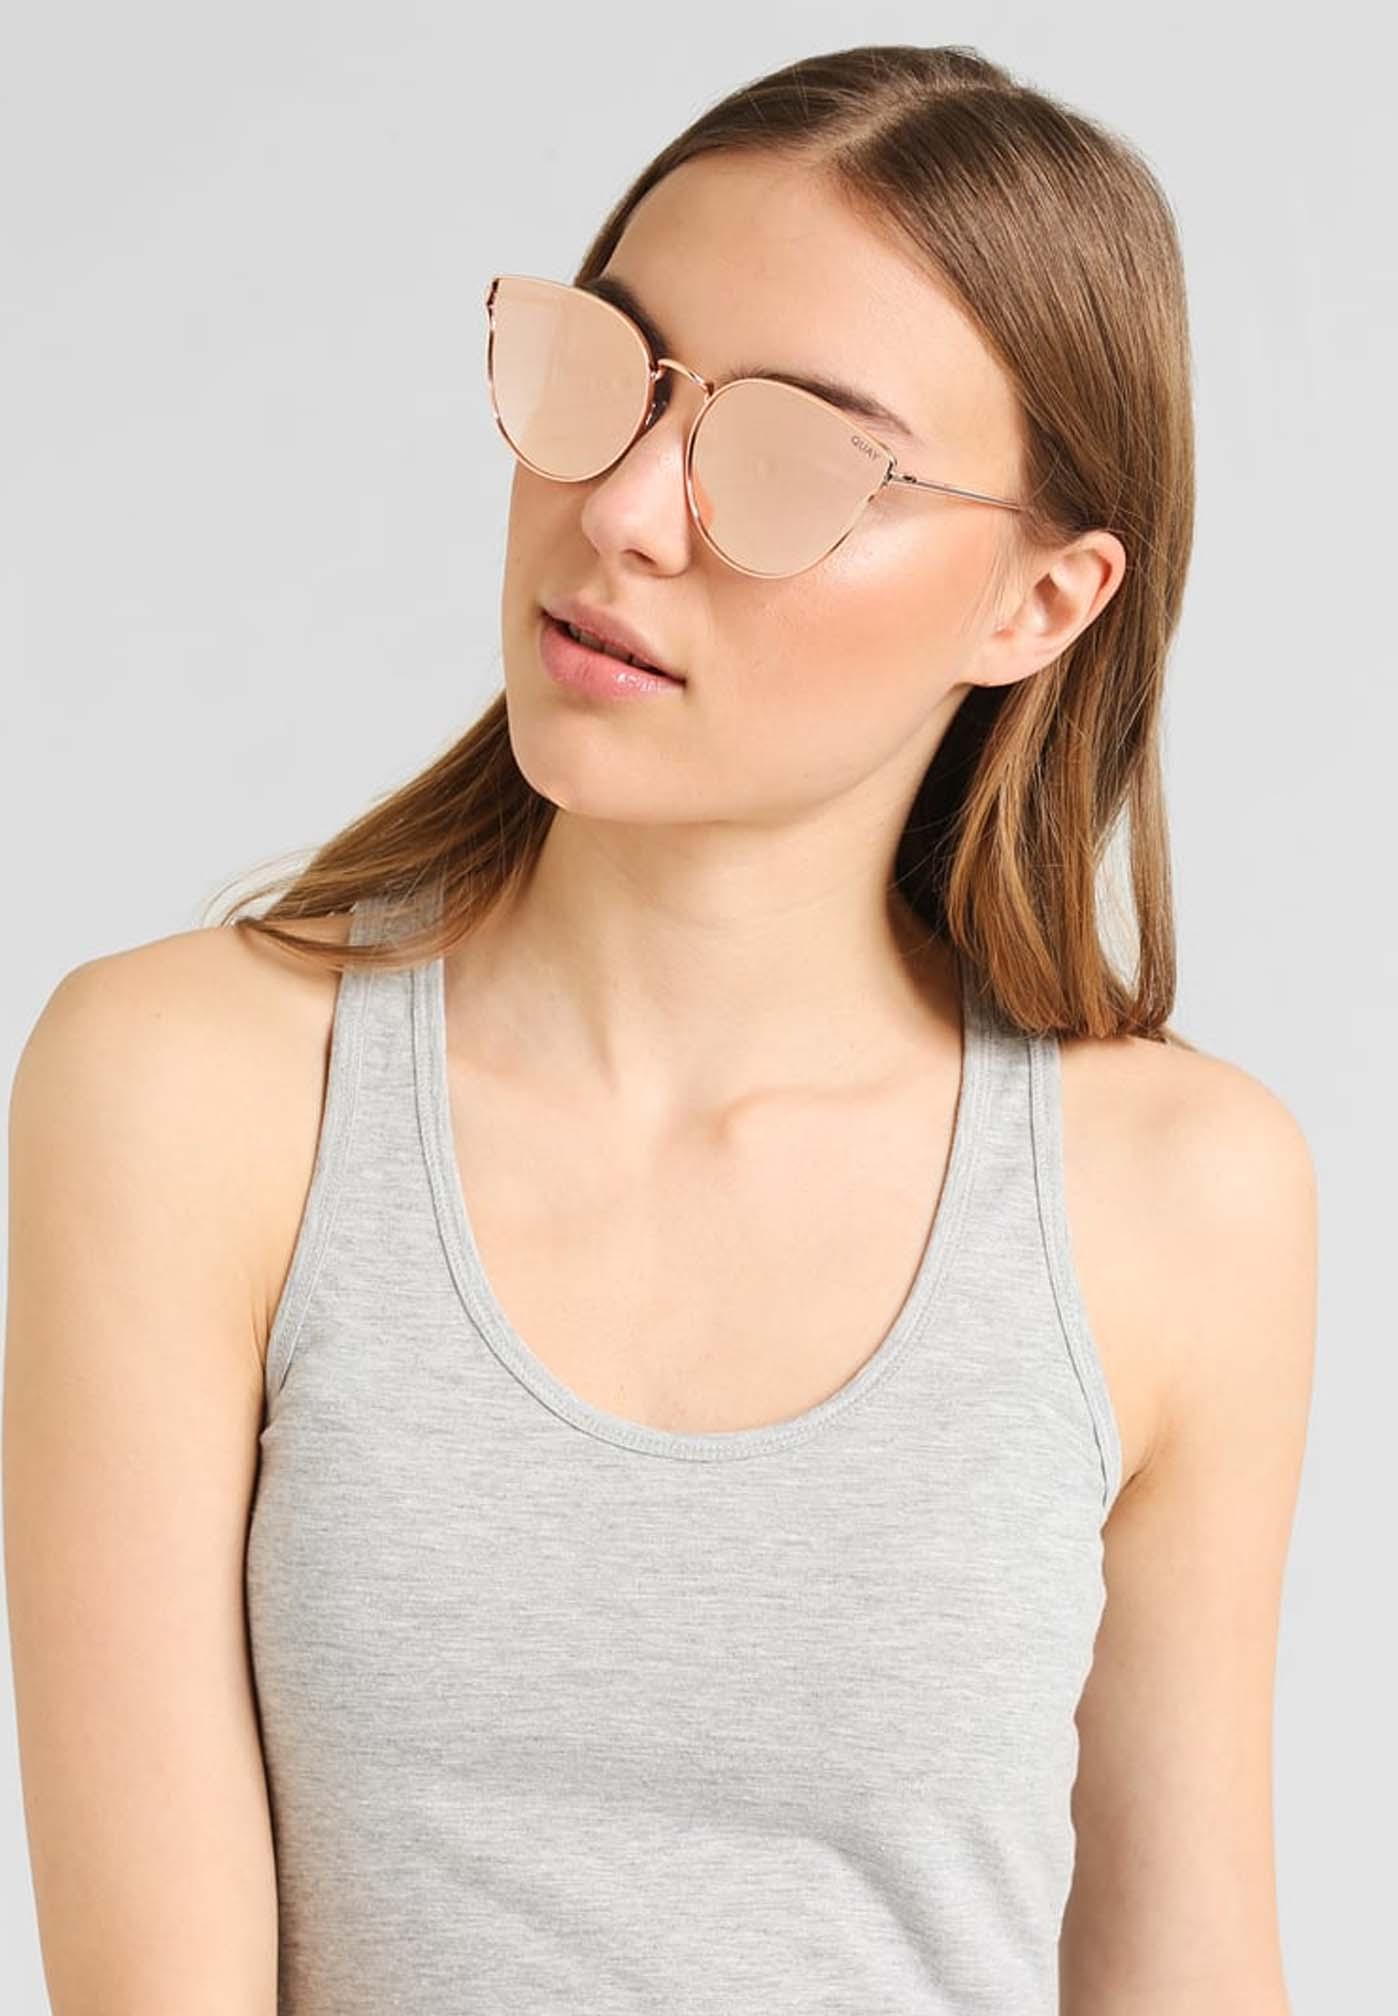 Damskie okulary przeciwsłoneczne do twarzy w kształcie serca